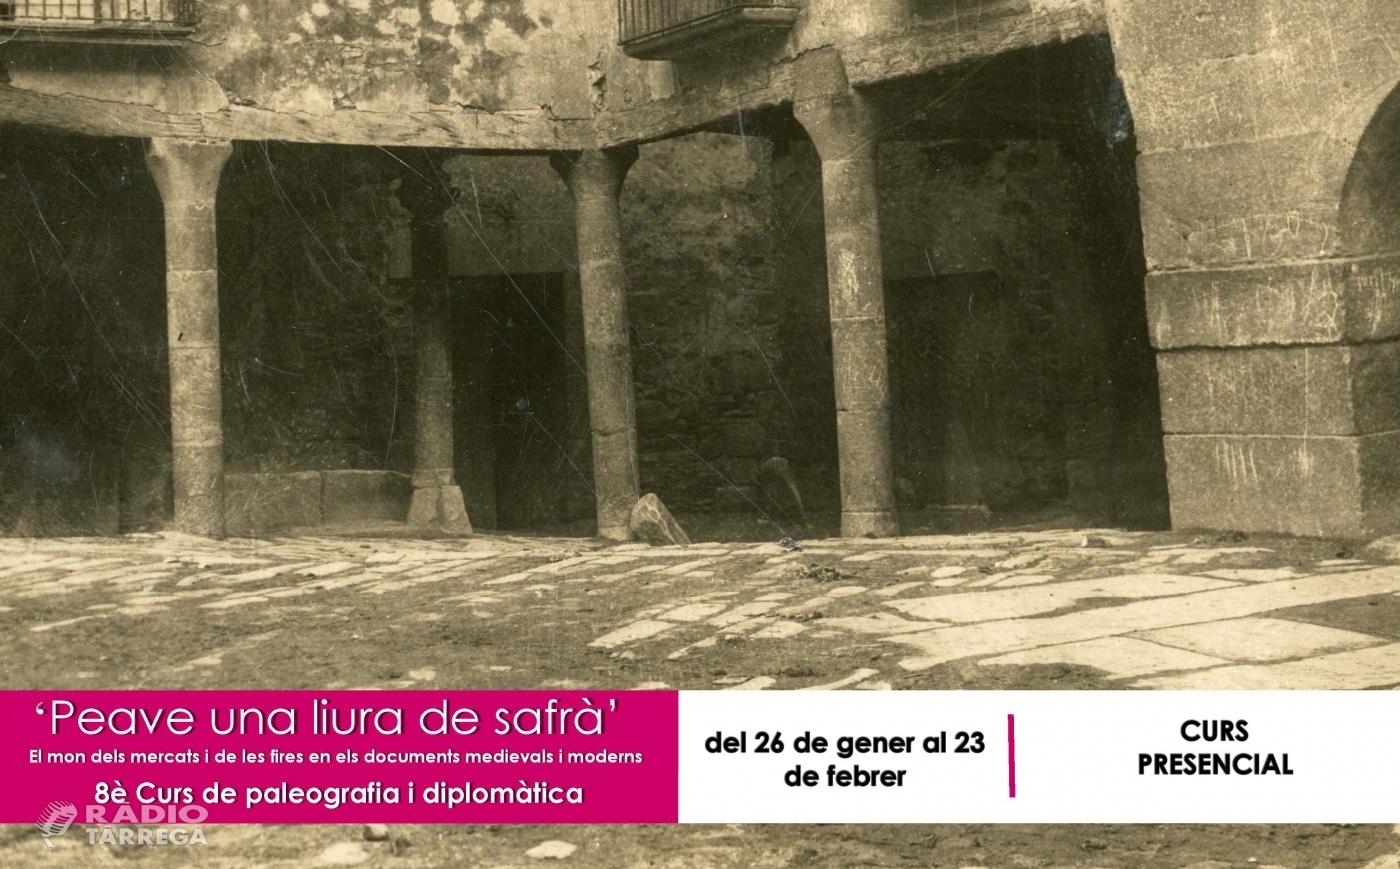 L'Arxiu Comarcal de l'Urgell programa el 8è curs de paleografia i diplomàtica